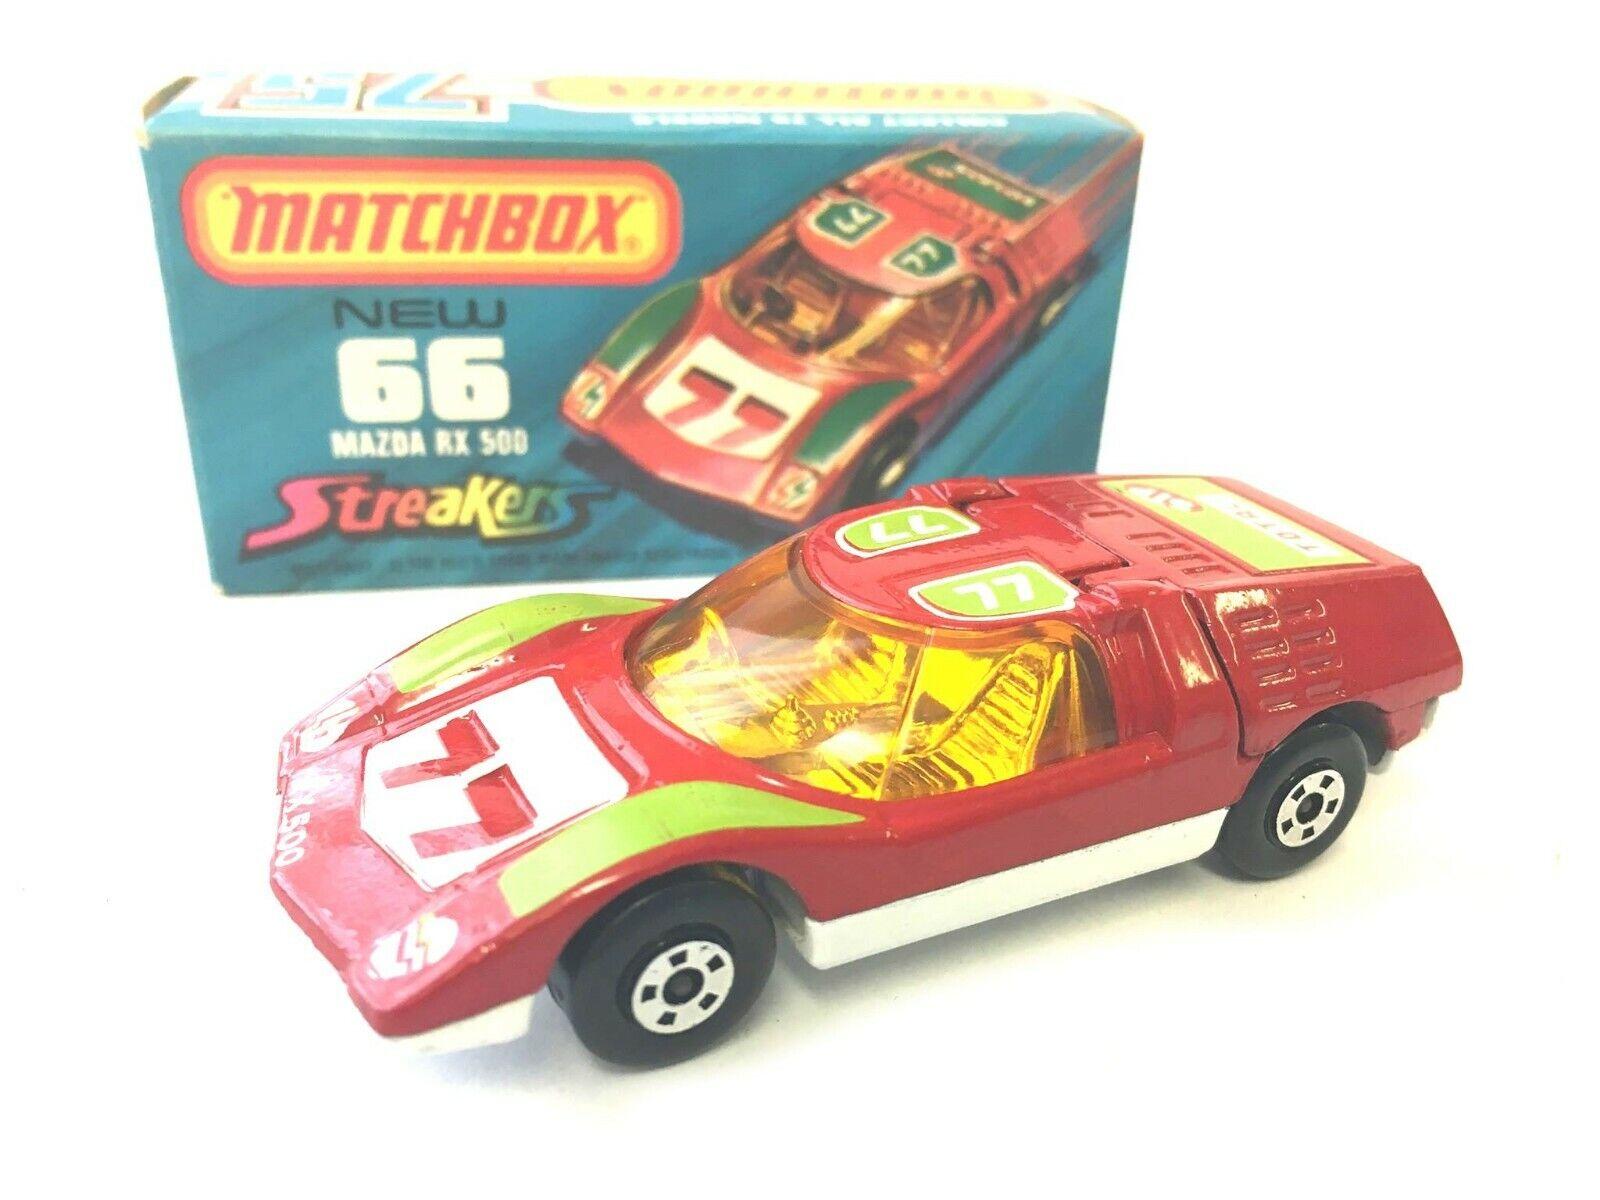 MATCHBOX 66 Mazda RX 500 rubano VINTAGE nella scatola originale